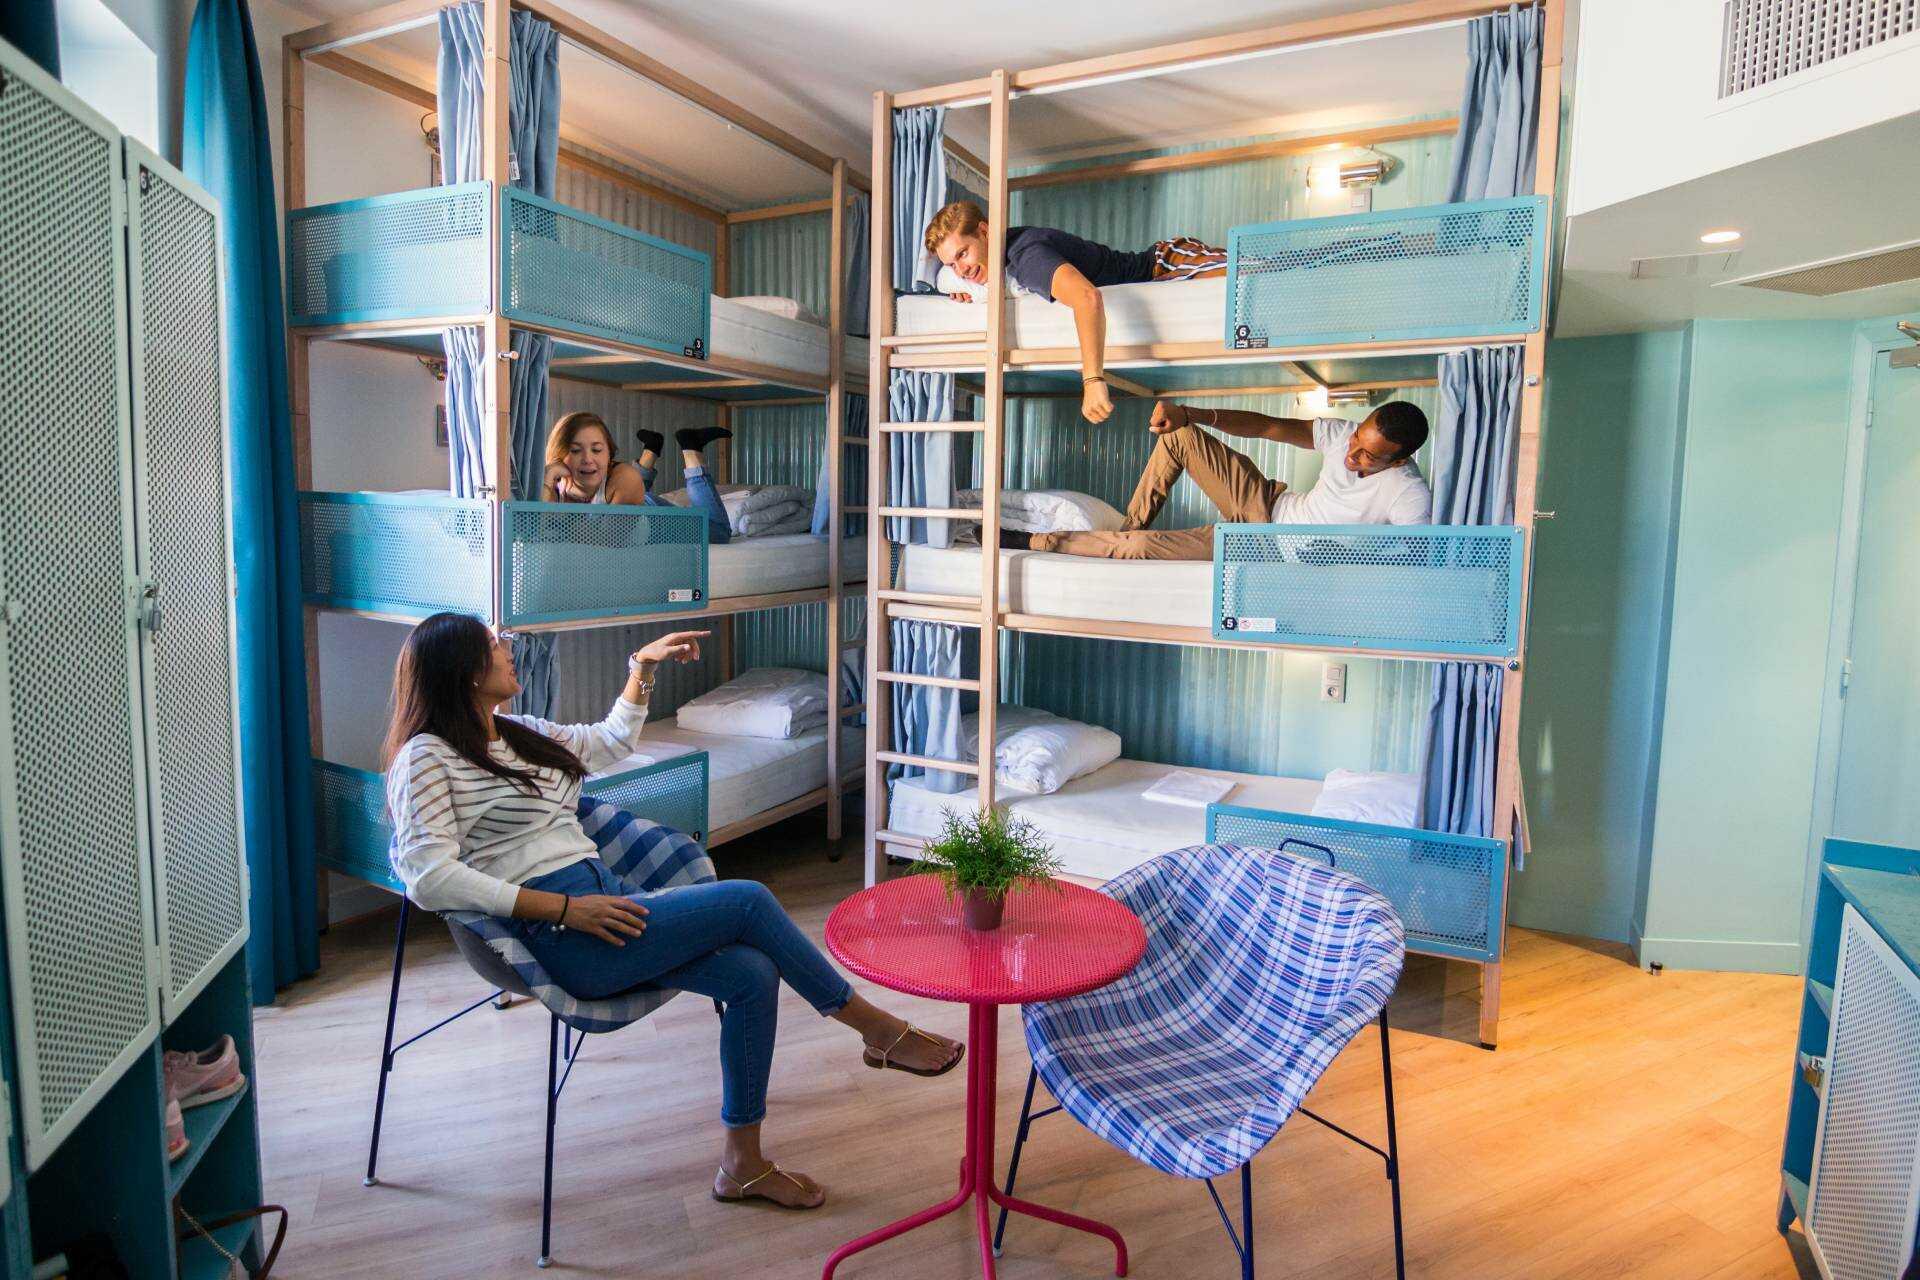 hostel_ozz_dortoir.jpg